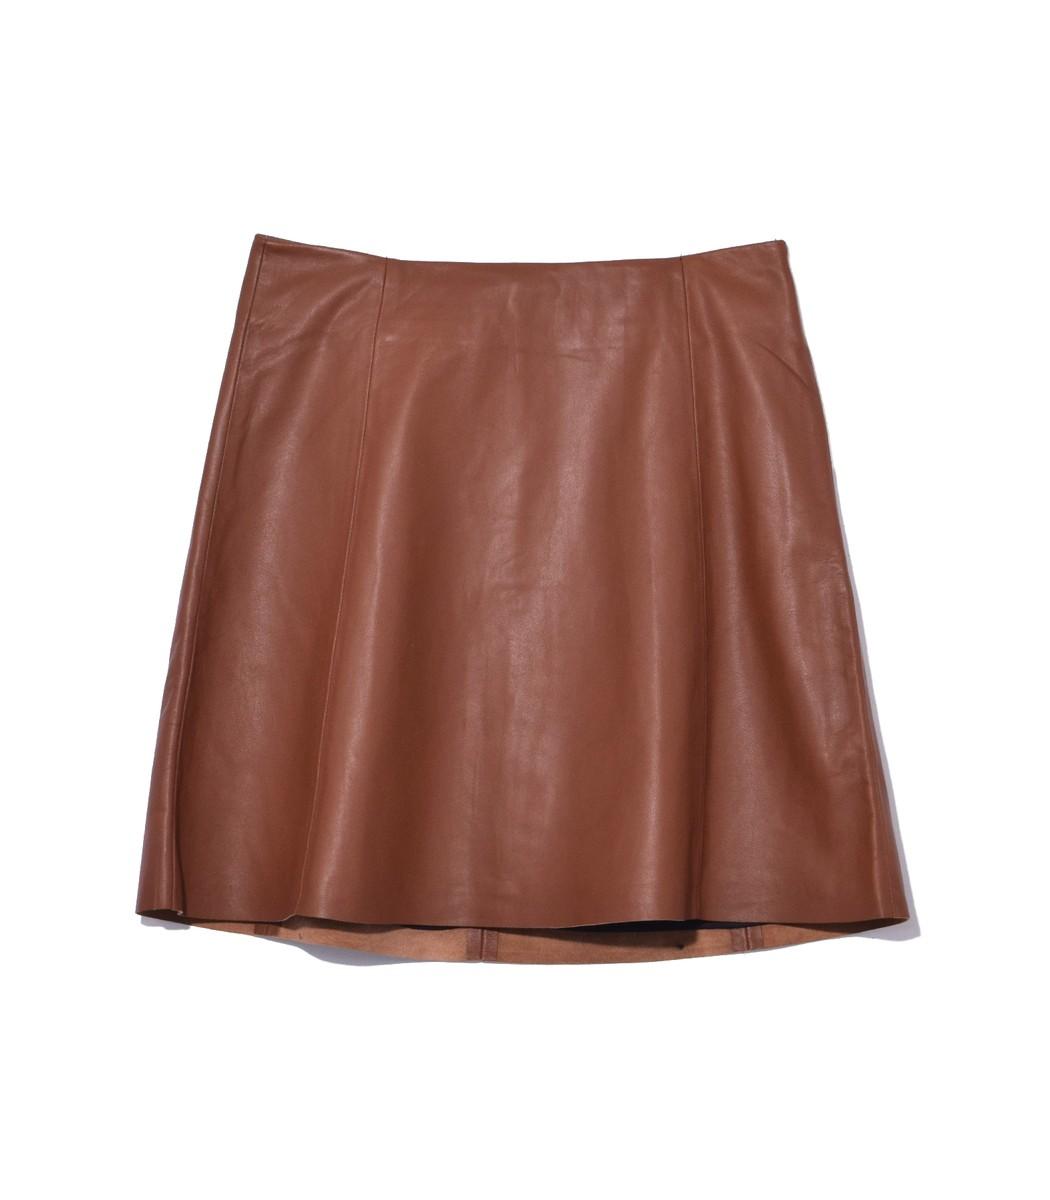 VEDA Brown Saddle Leather Circle Skirt